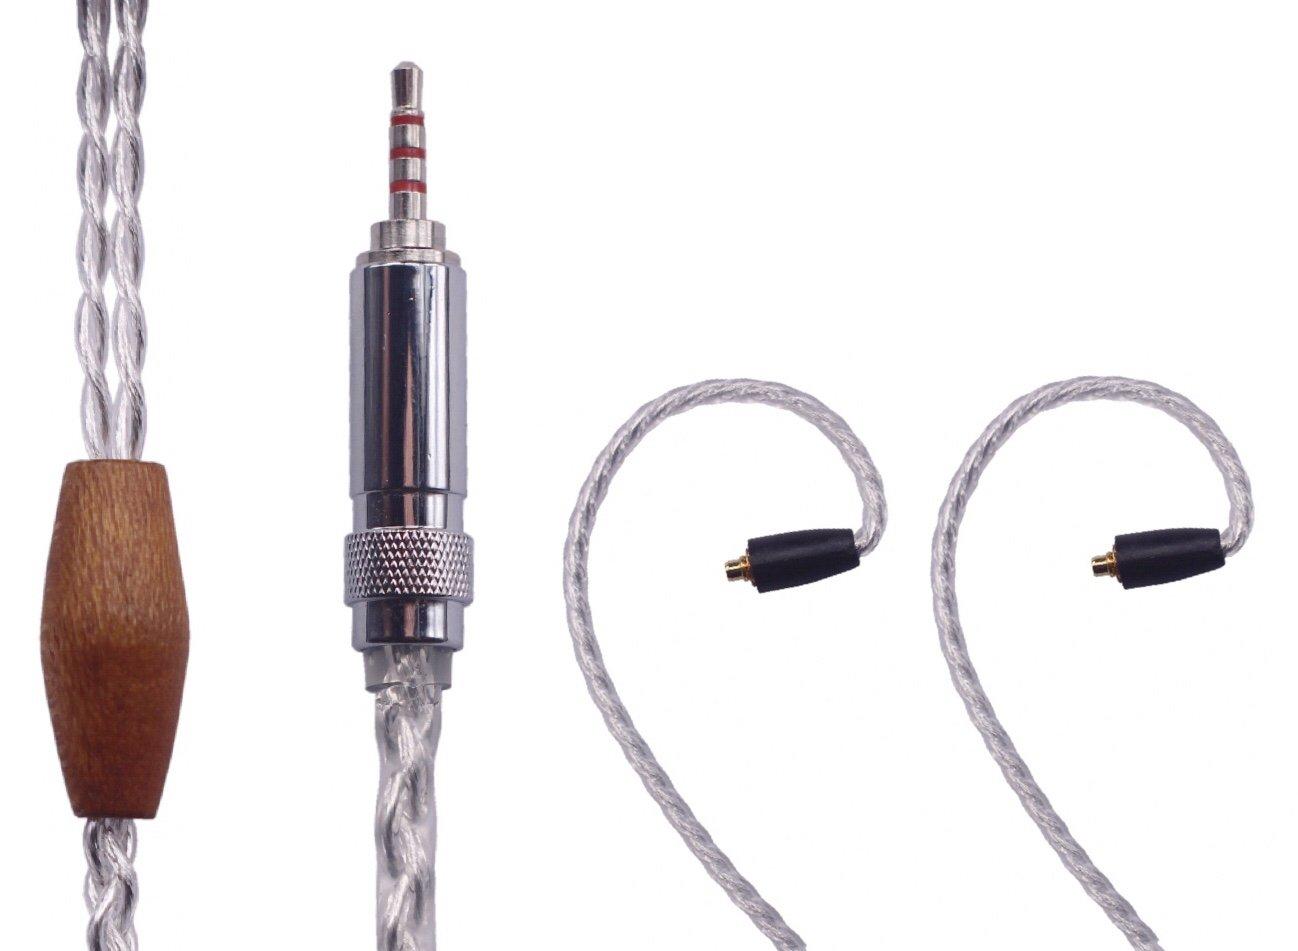 T.F-SF 2.5mm Trrs Balanced Male to Shure SE215 SE315 SE425 SE535 SE846 etc. for Astell&Kern AK100II%% AK120II%% AK240%% AK380%% AK320%% DP-X1A%% KANN etc. T.F-SF (3.9ft/1.2M) 3.9ft/1.2M  B072KF8M1Y